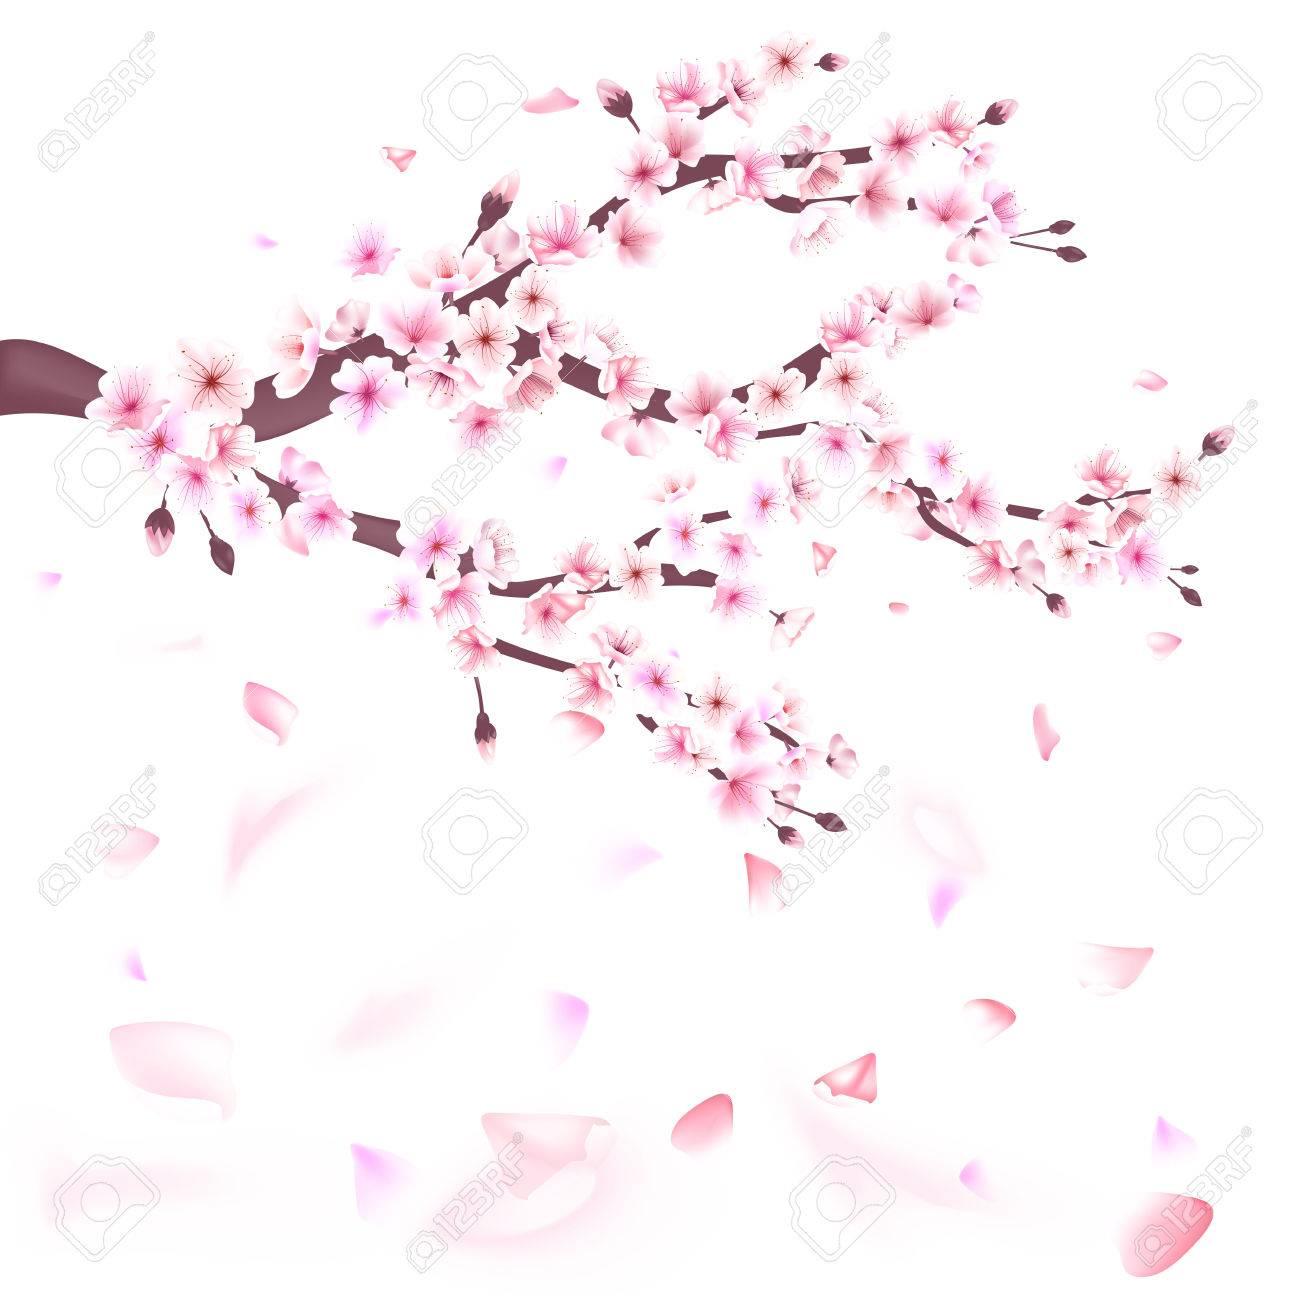 リアルな桜咲く枝の花のイラストのイラスト素材ベクタ Image 70078129